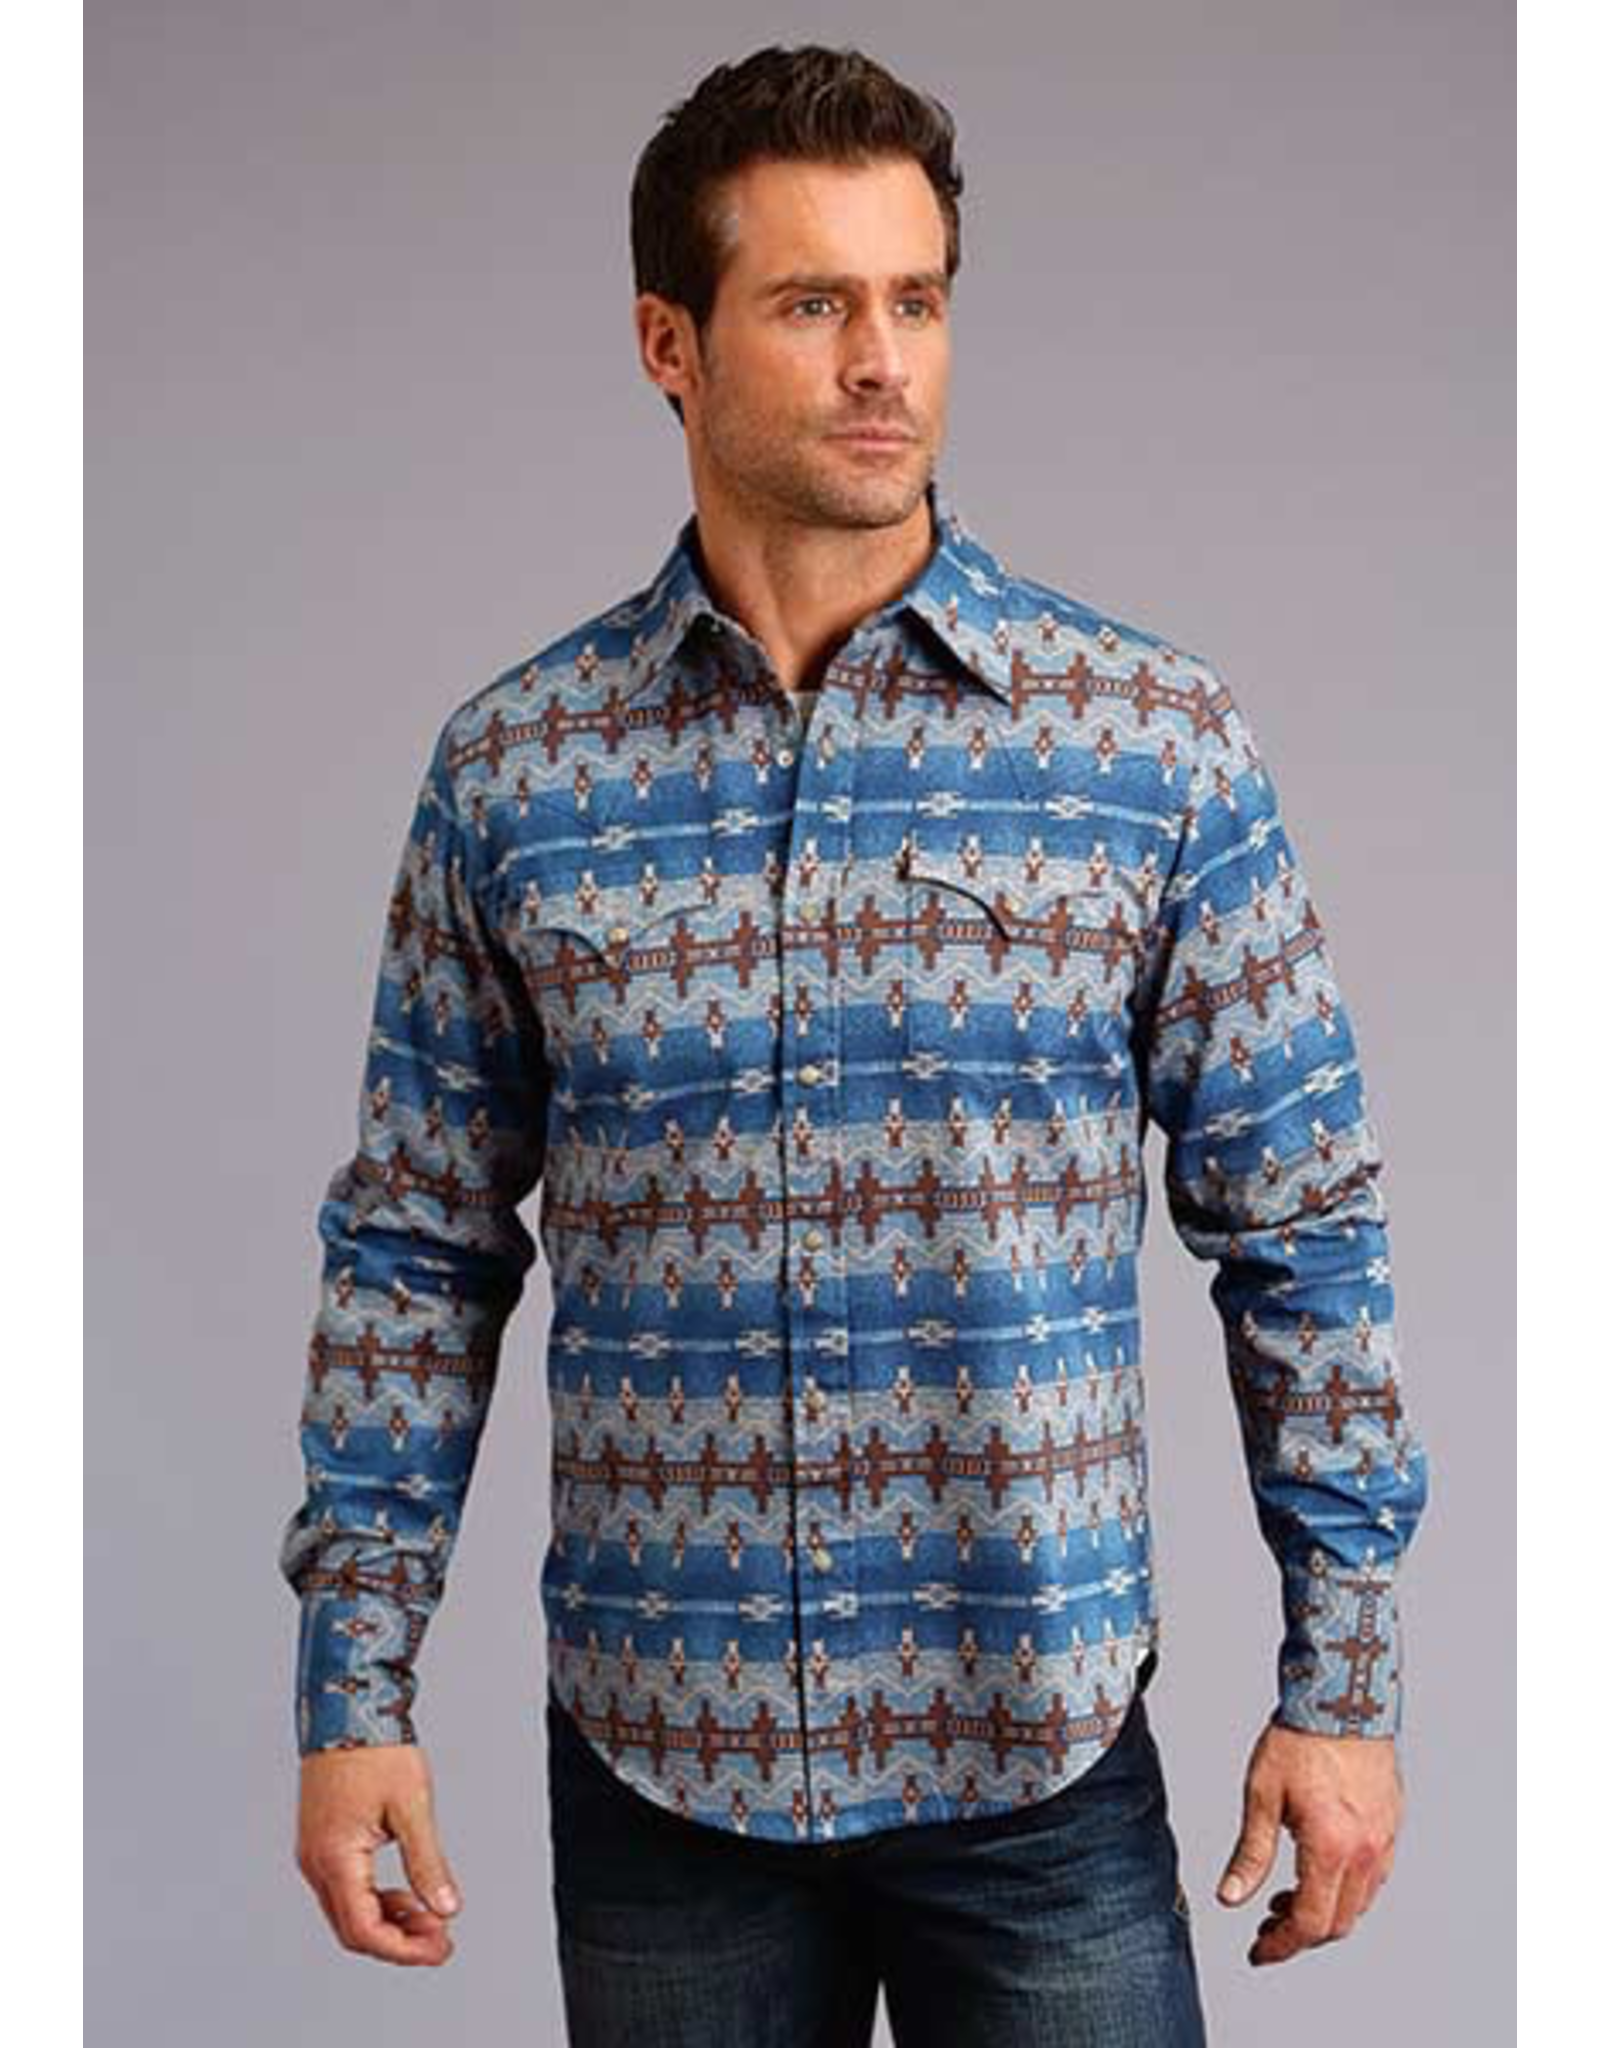 Tops-Men Stetson 11-001-0425-0651 Blue Aztec Print